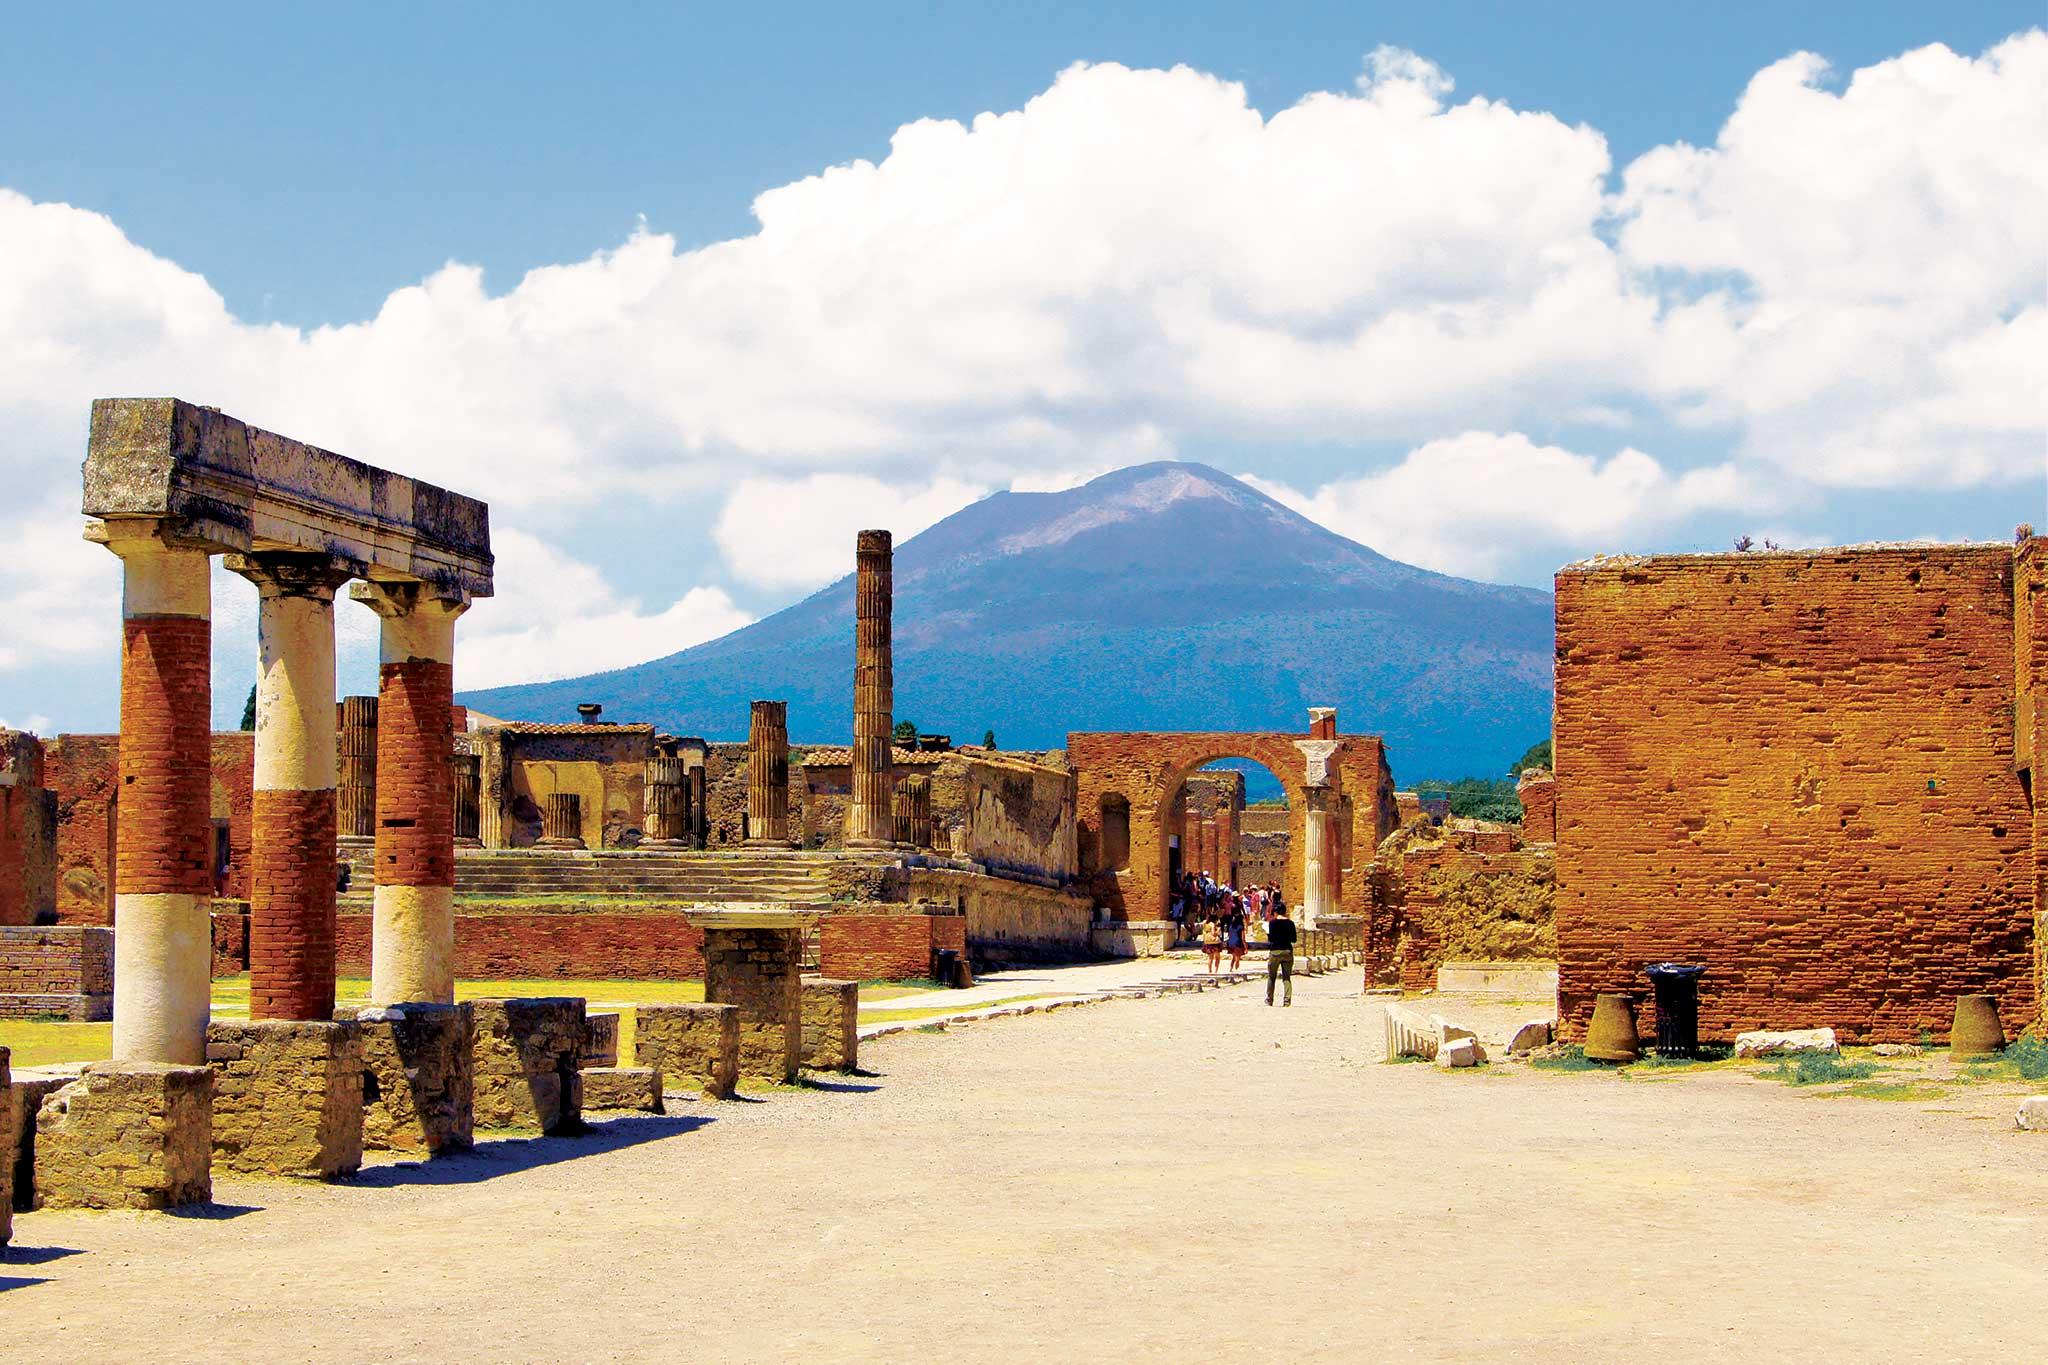 Khám phá thành phố cổ Pompeii